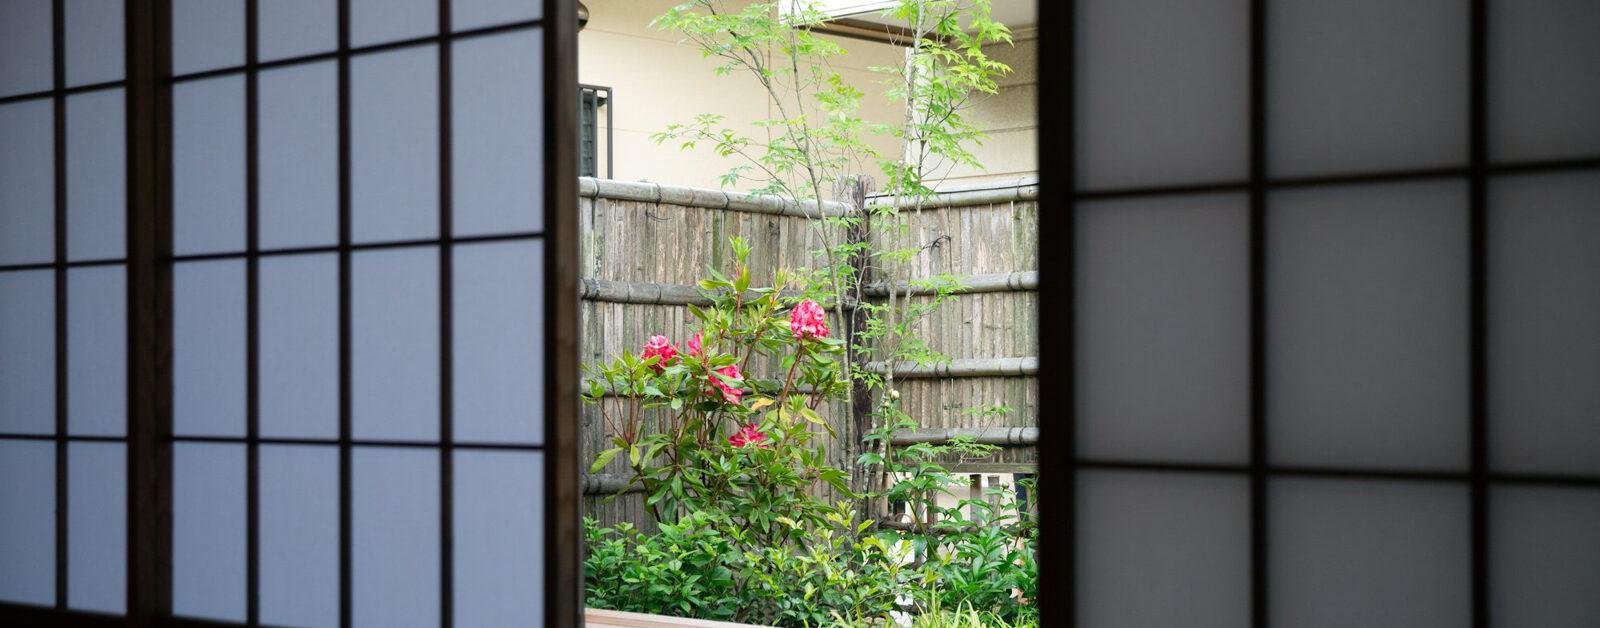 haletto house SAKANOSHITAの窓から見える庭1